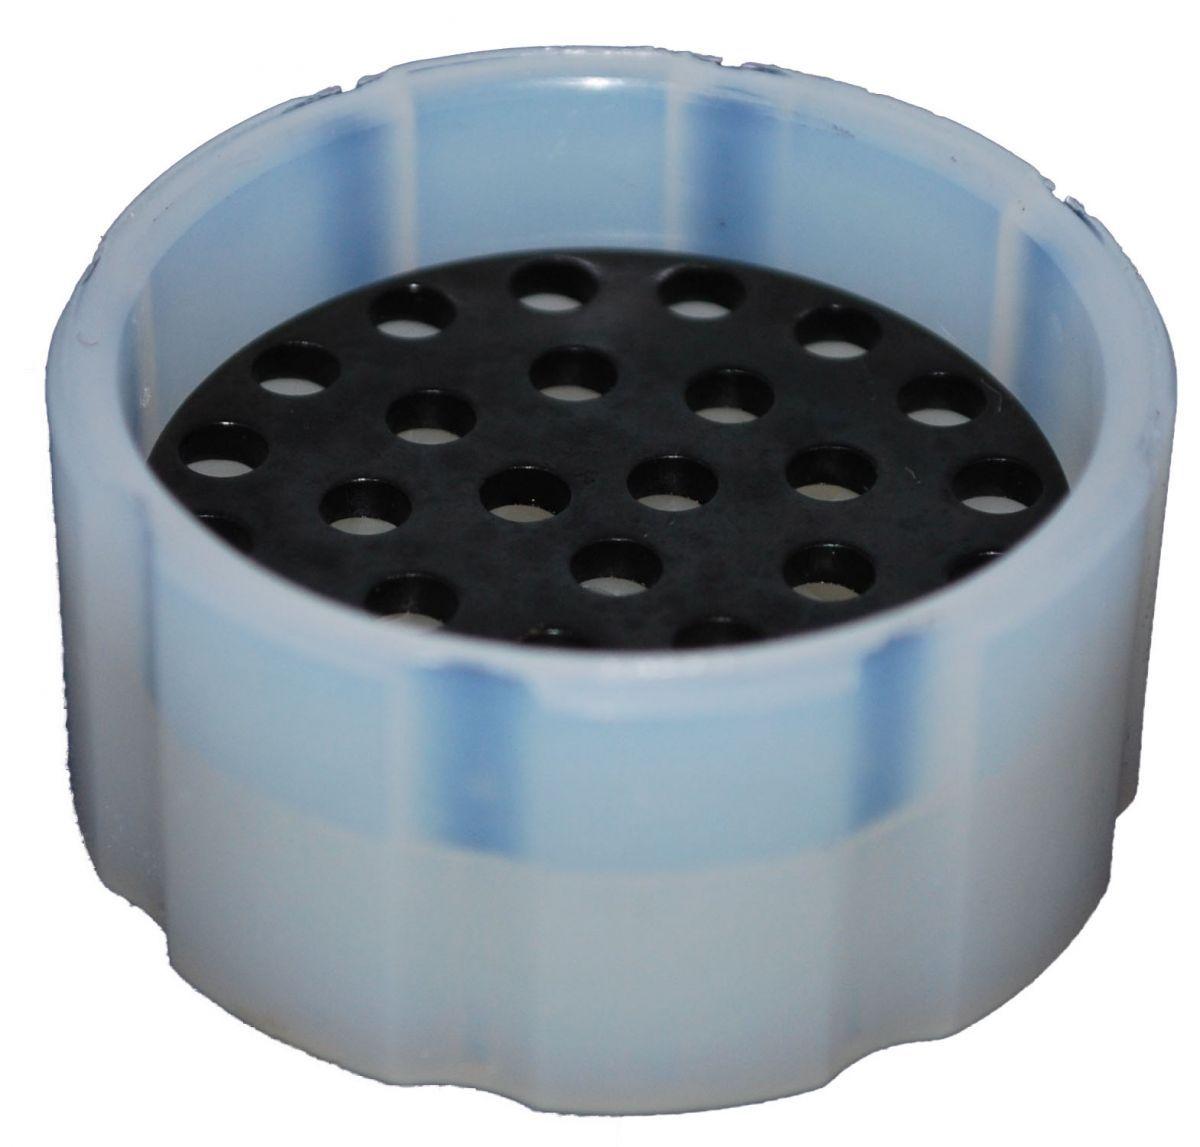 von arx 23 serie naaldenhouder 2mm